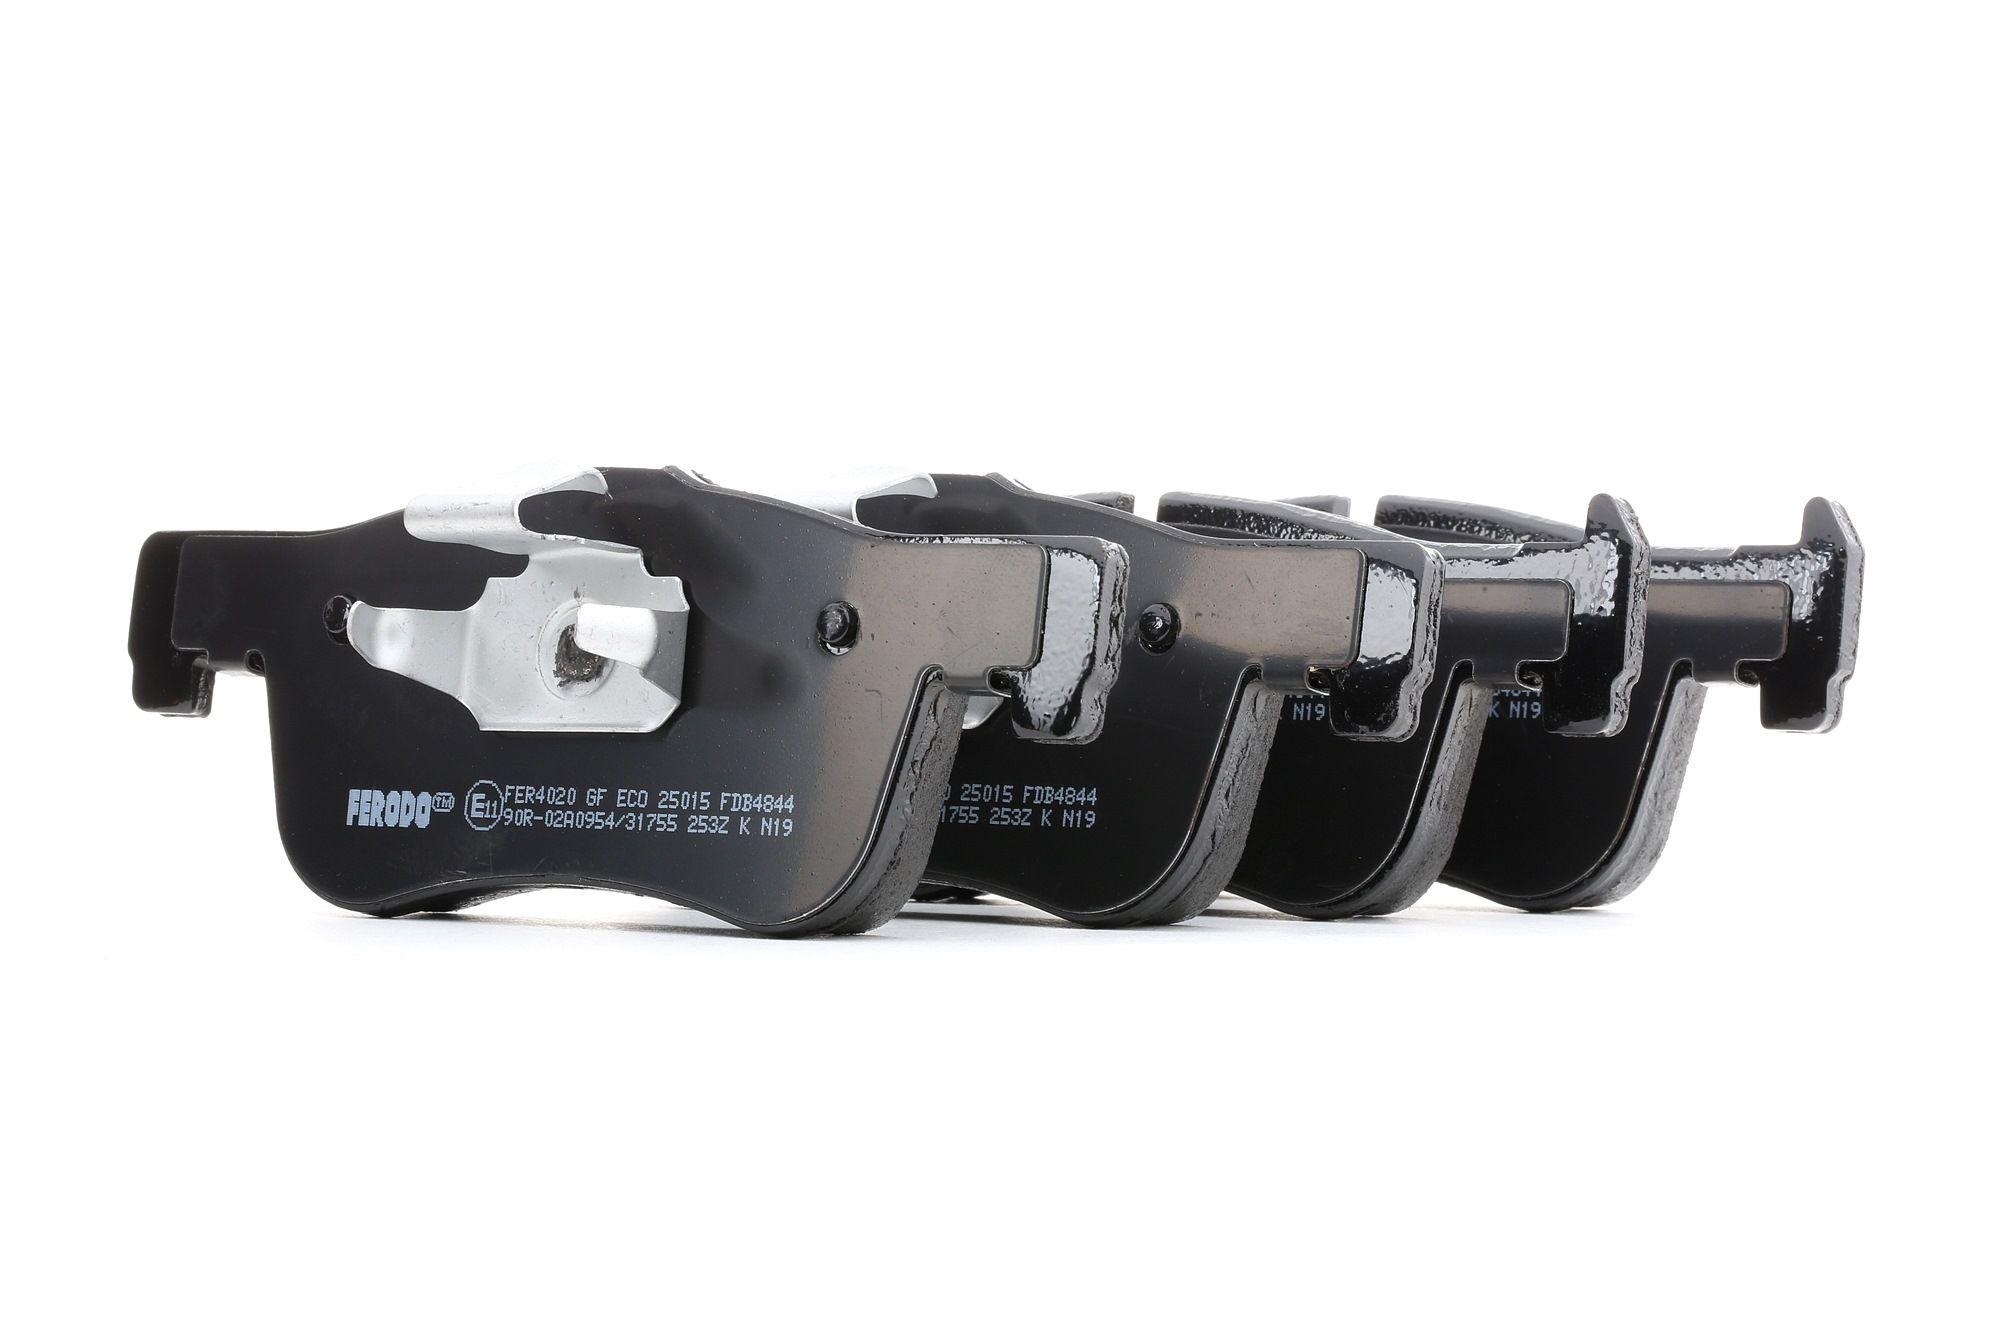 Bremsbelagsatz FERODO 25014 Bewertung